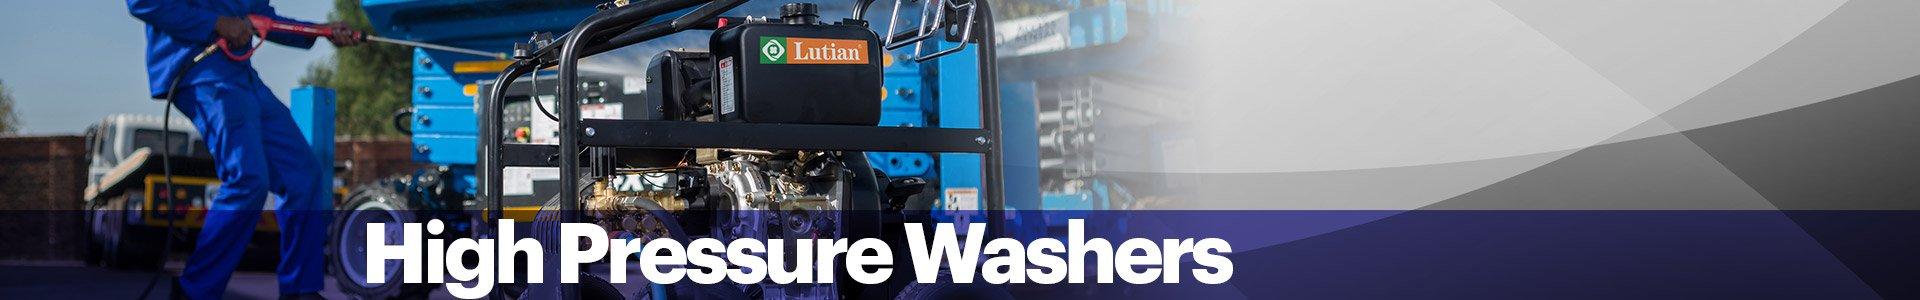 High Pressure Washer Banner